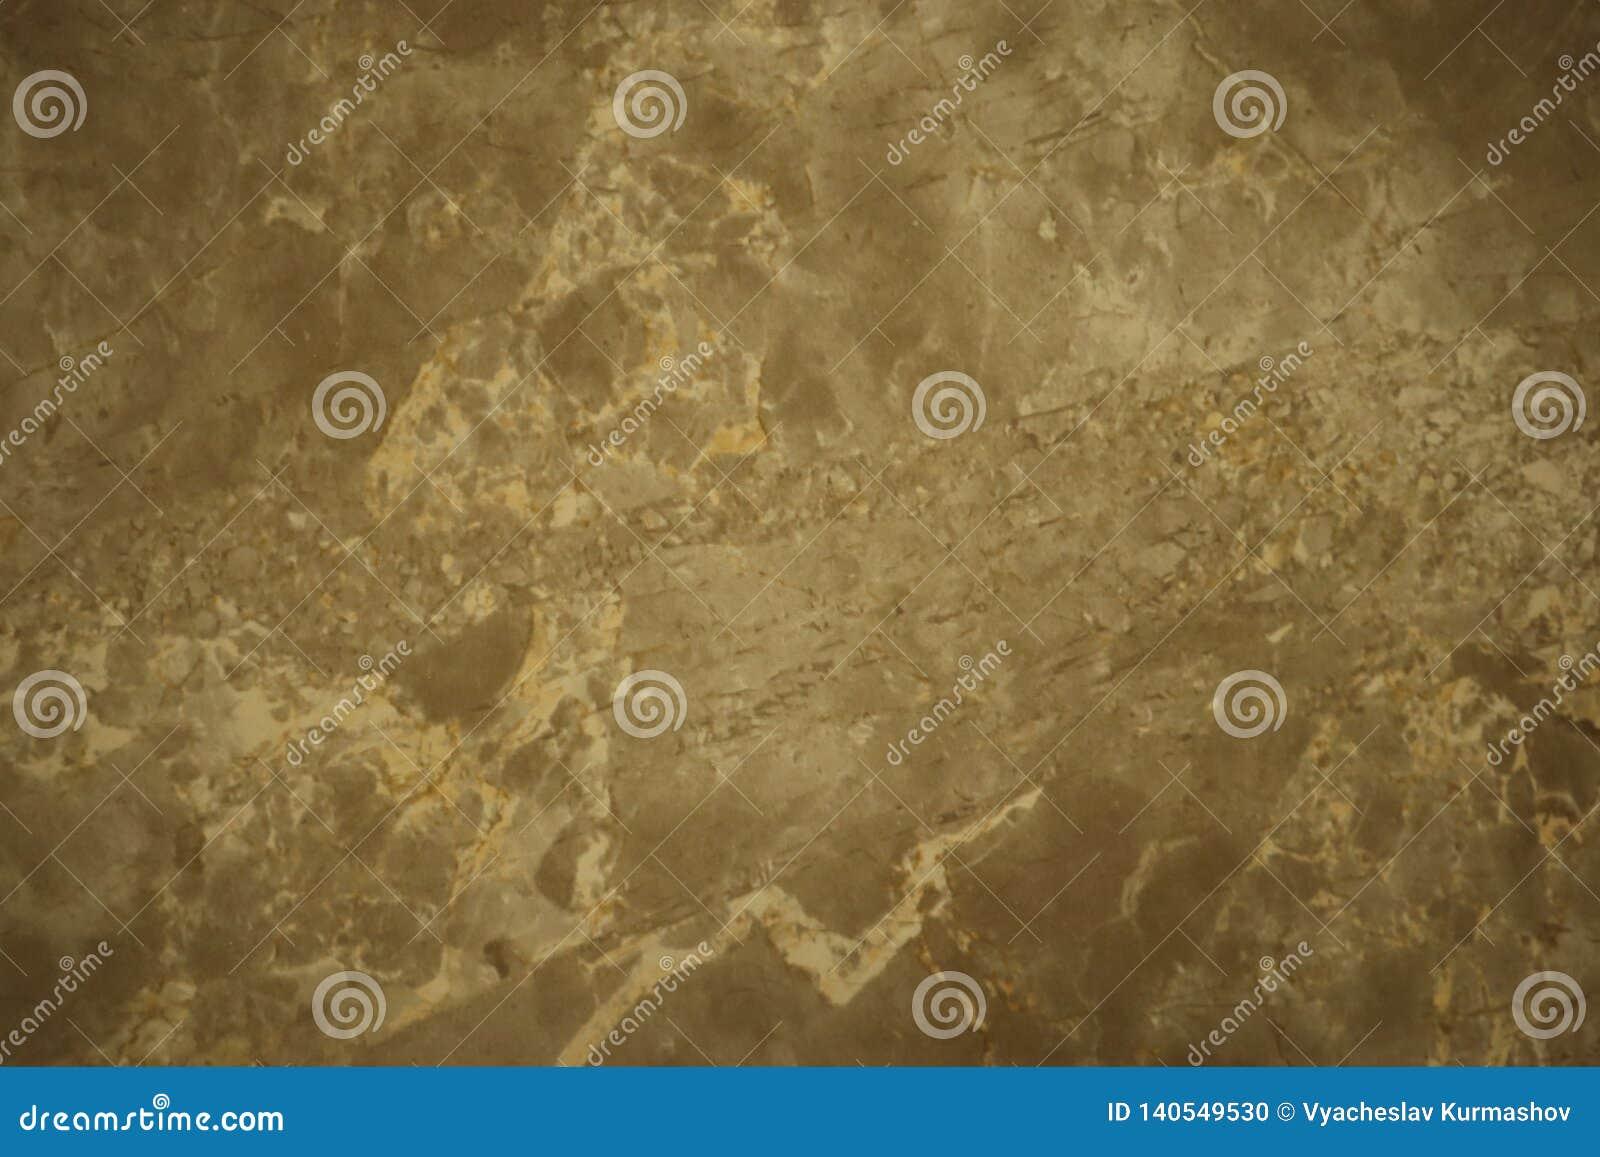 Abstract marmer als achtergrond bruine oranje kleur